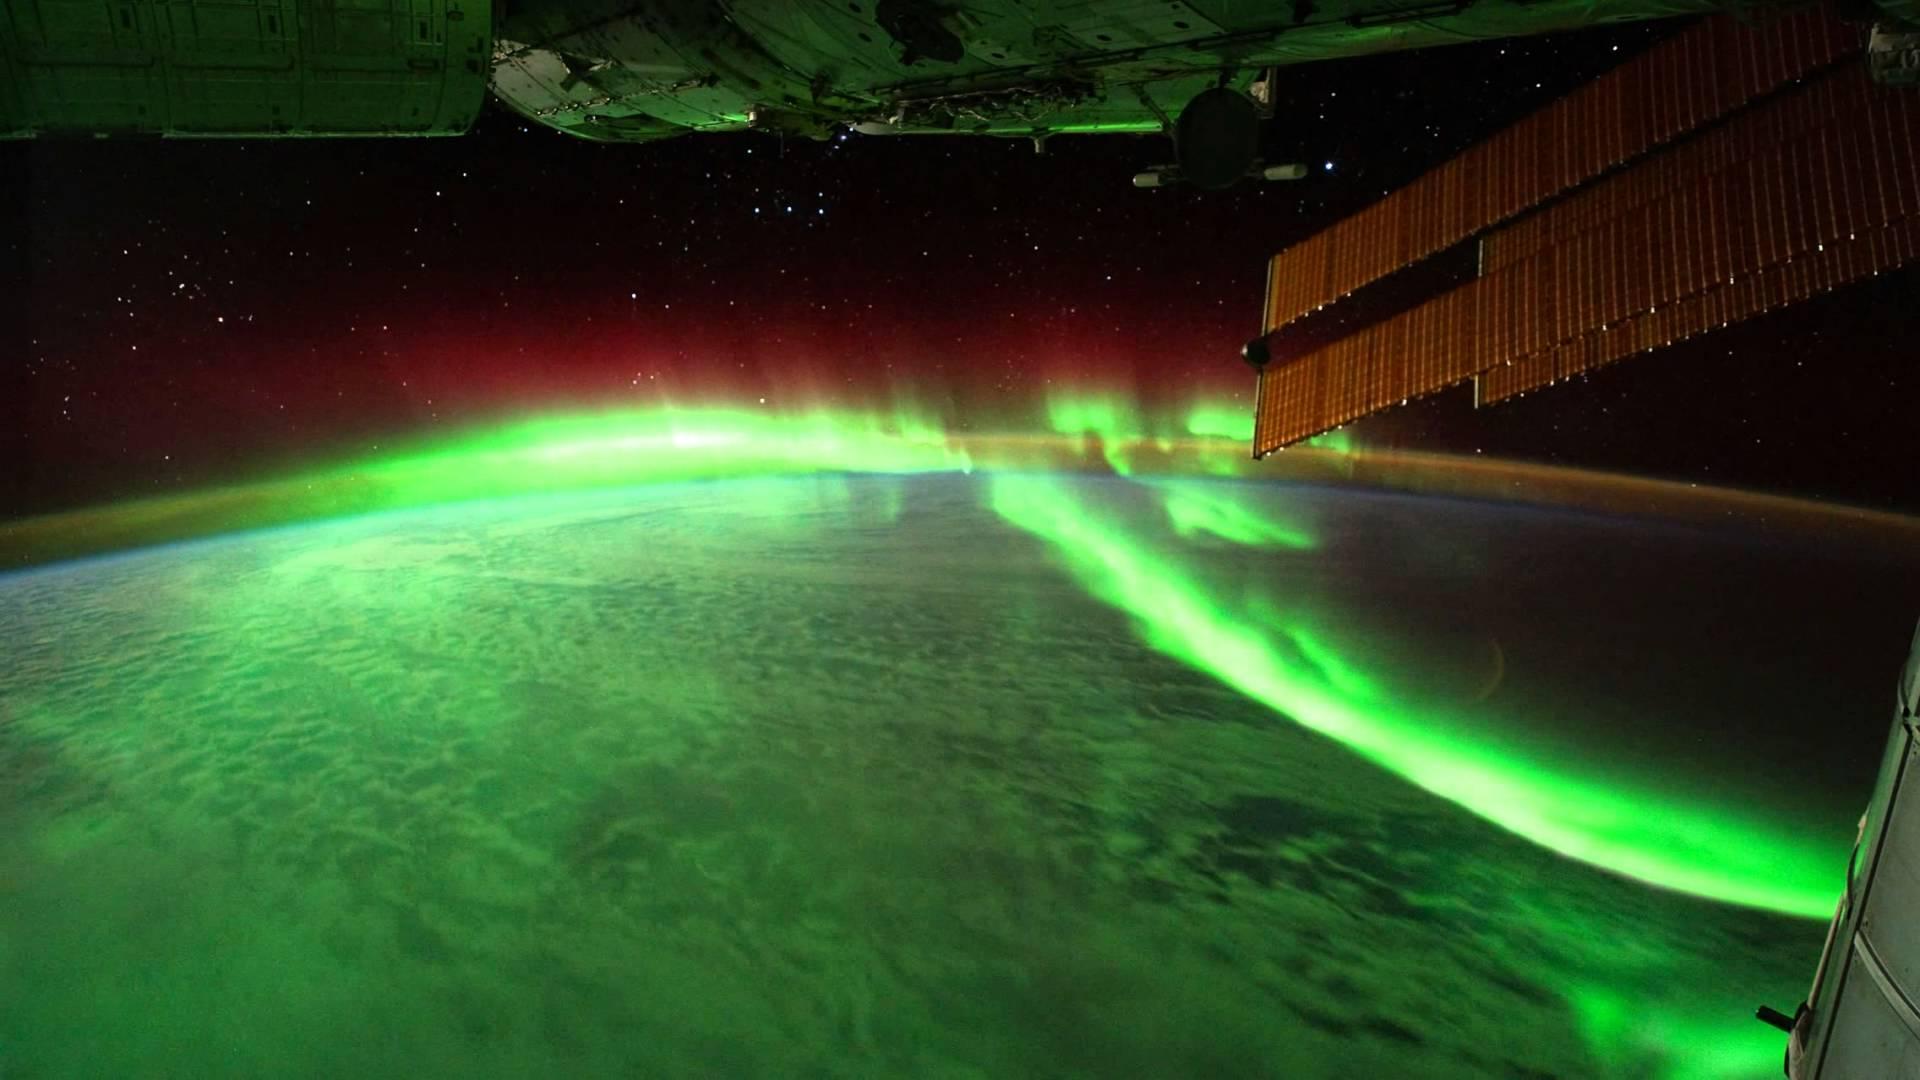 ثبت دنباله ای شفق قطبی به روایت تصویر